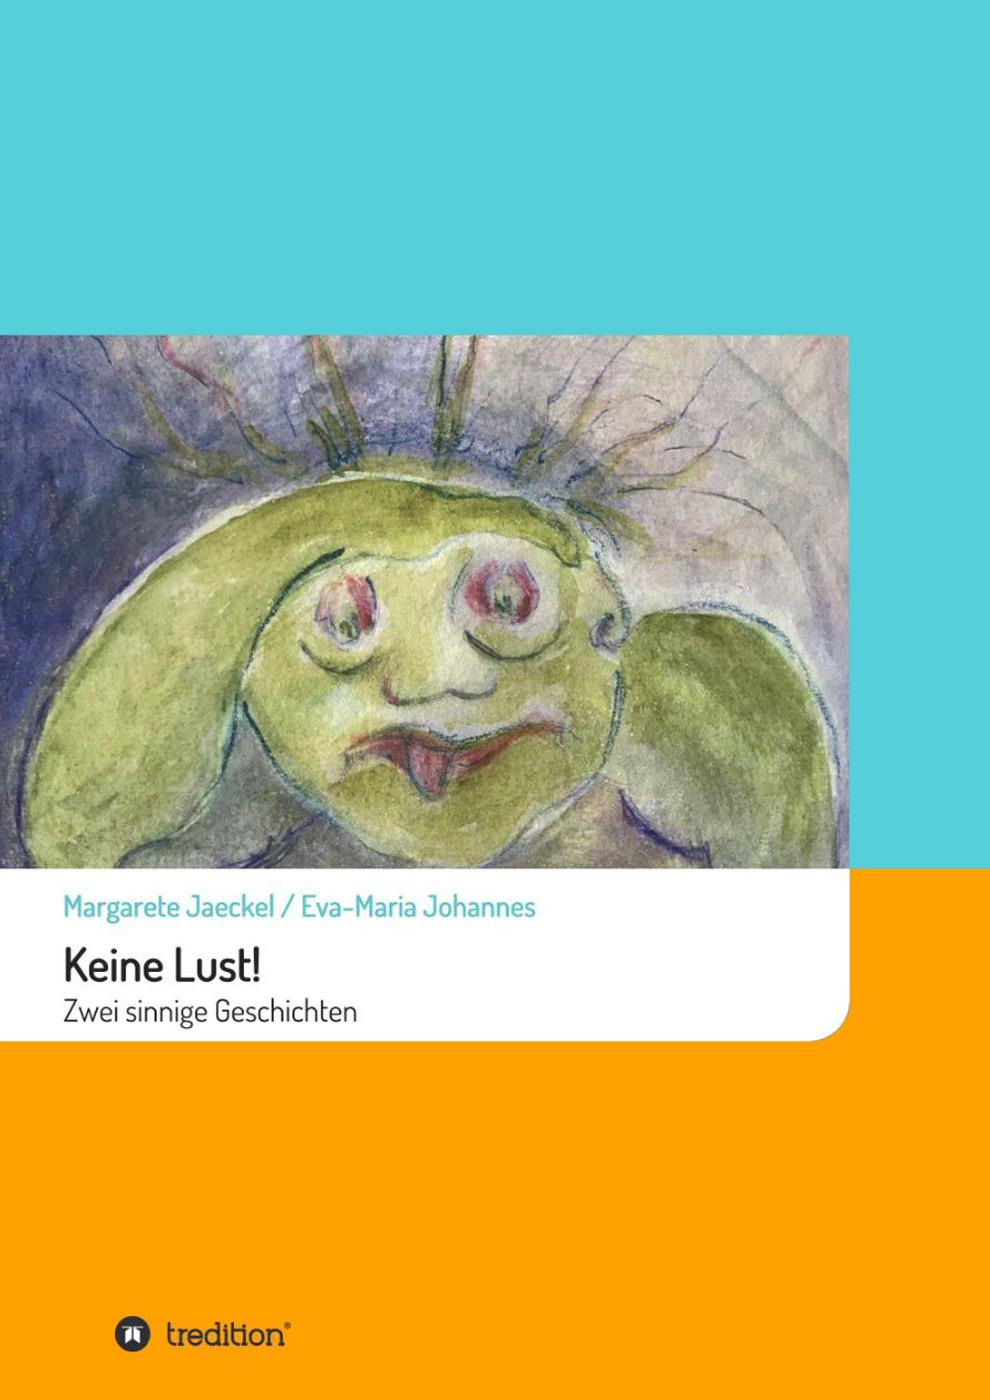 Keine Lust | Sinnige Geschichten Margarete Jaeckel | Illustrationen: Eva-Maria Johannes